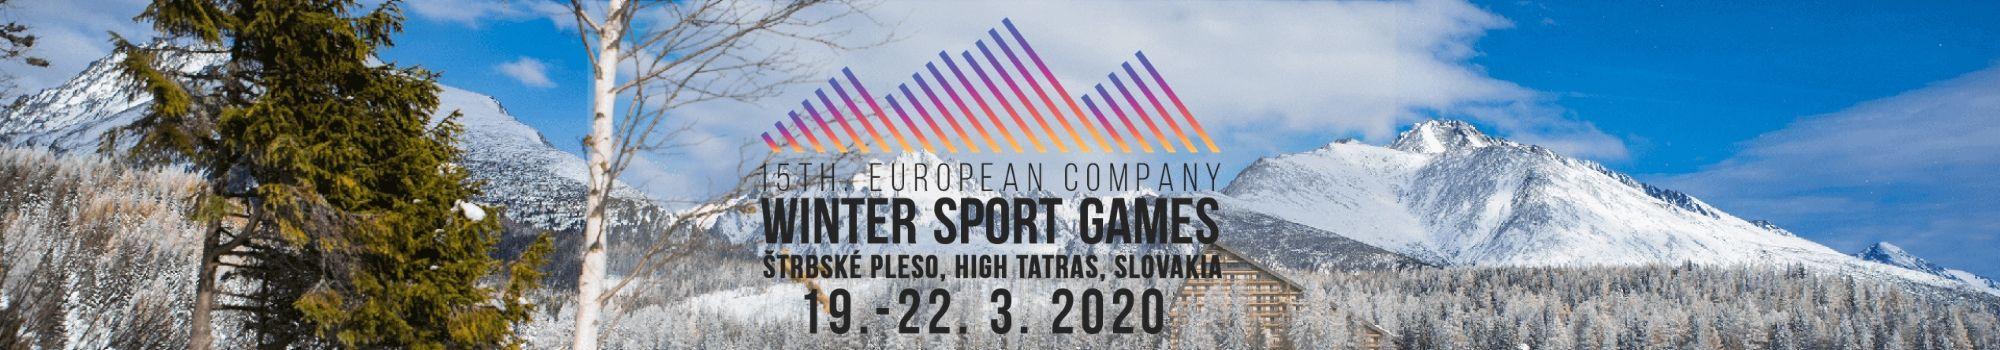 Jeux Européens d'hiver Slovaquie